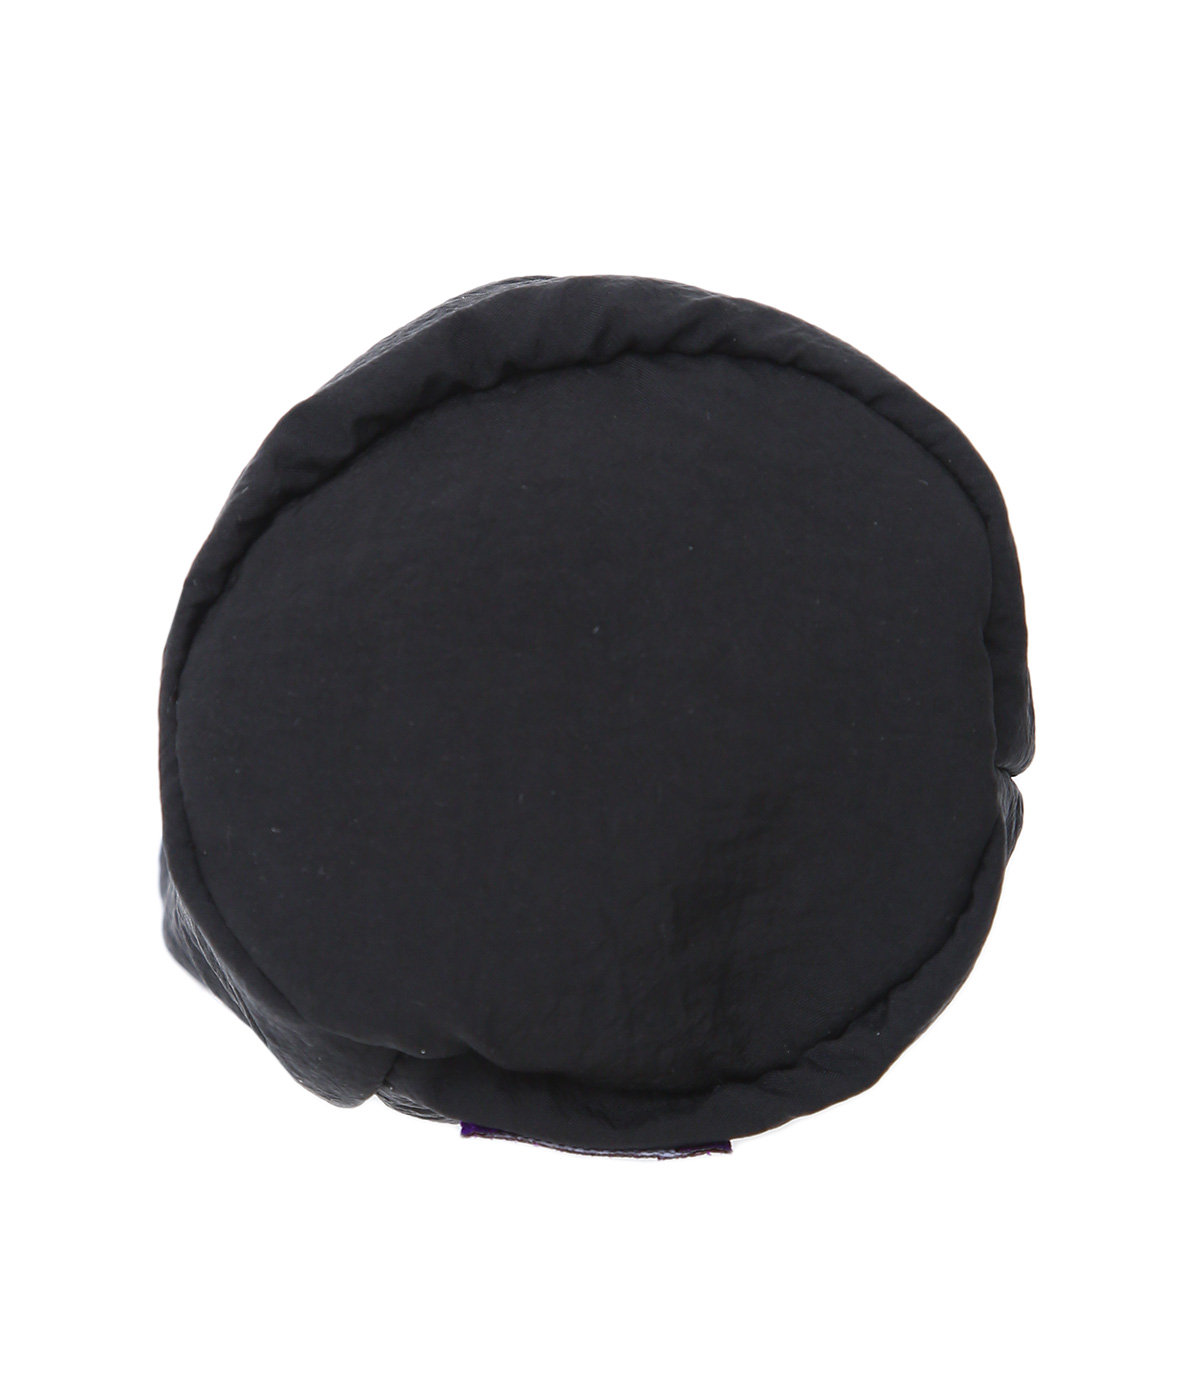 Lounge Shoulder Pouch